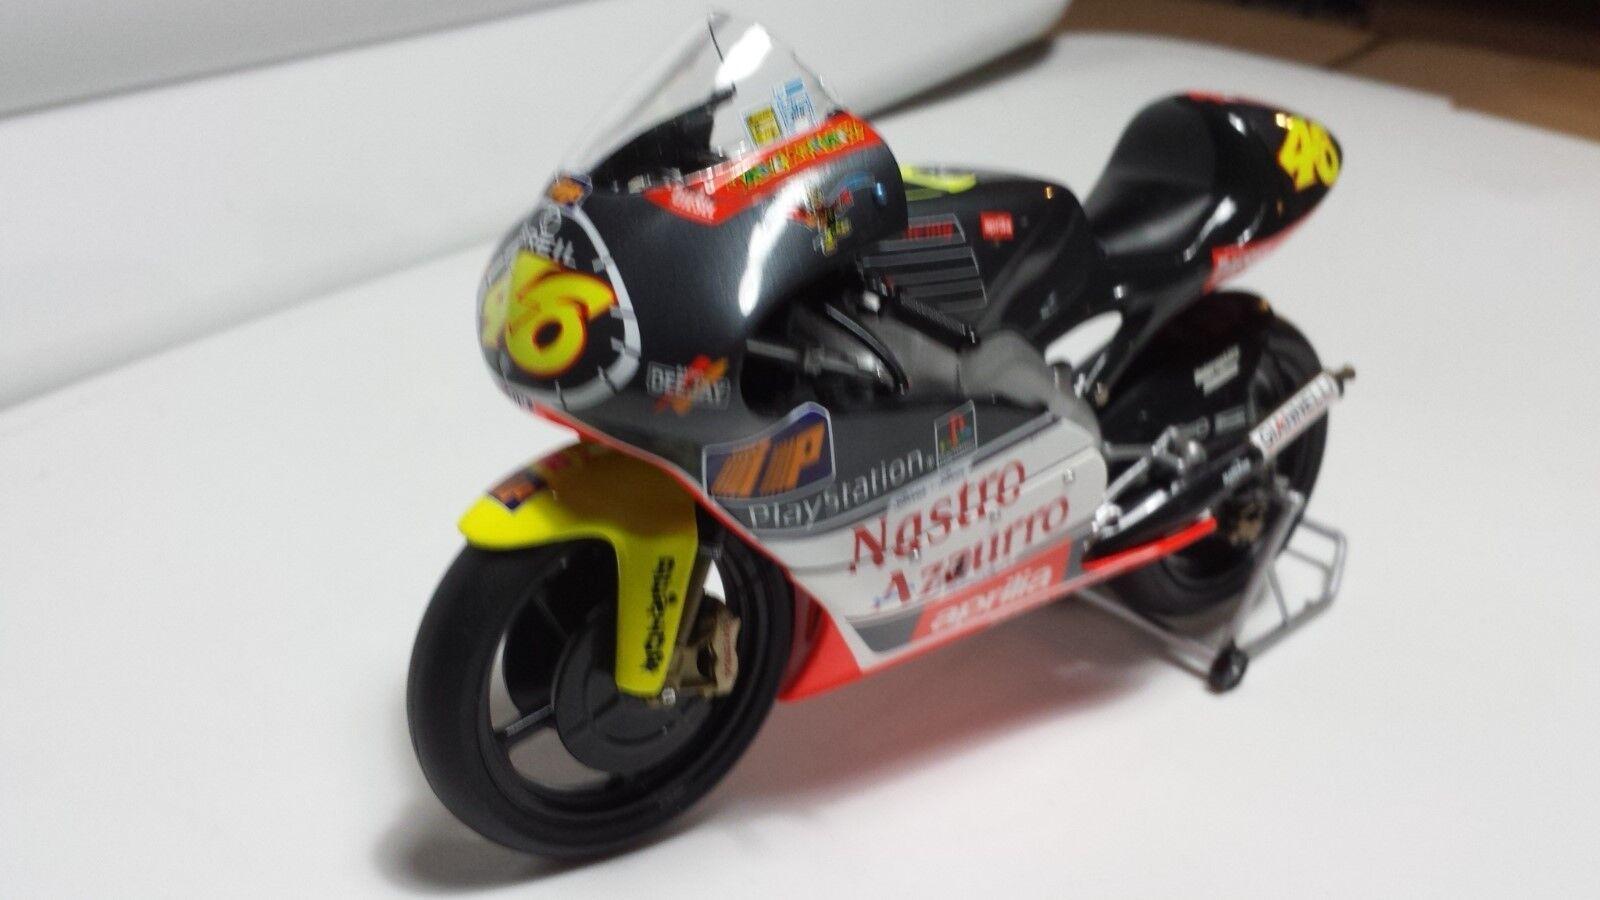 Valentino Rossi. APRILIA 250cc. GP 1999. Minichamps 1 12